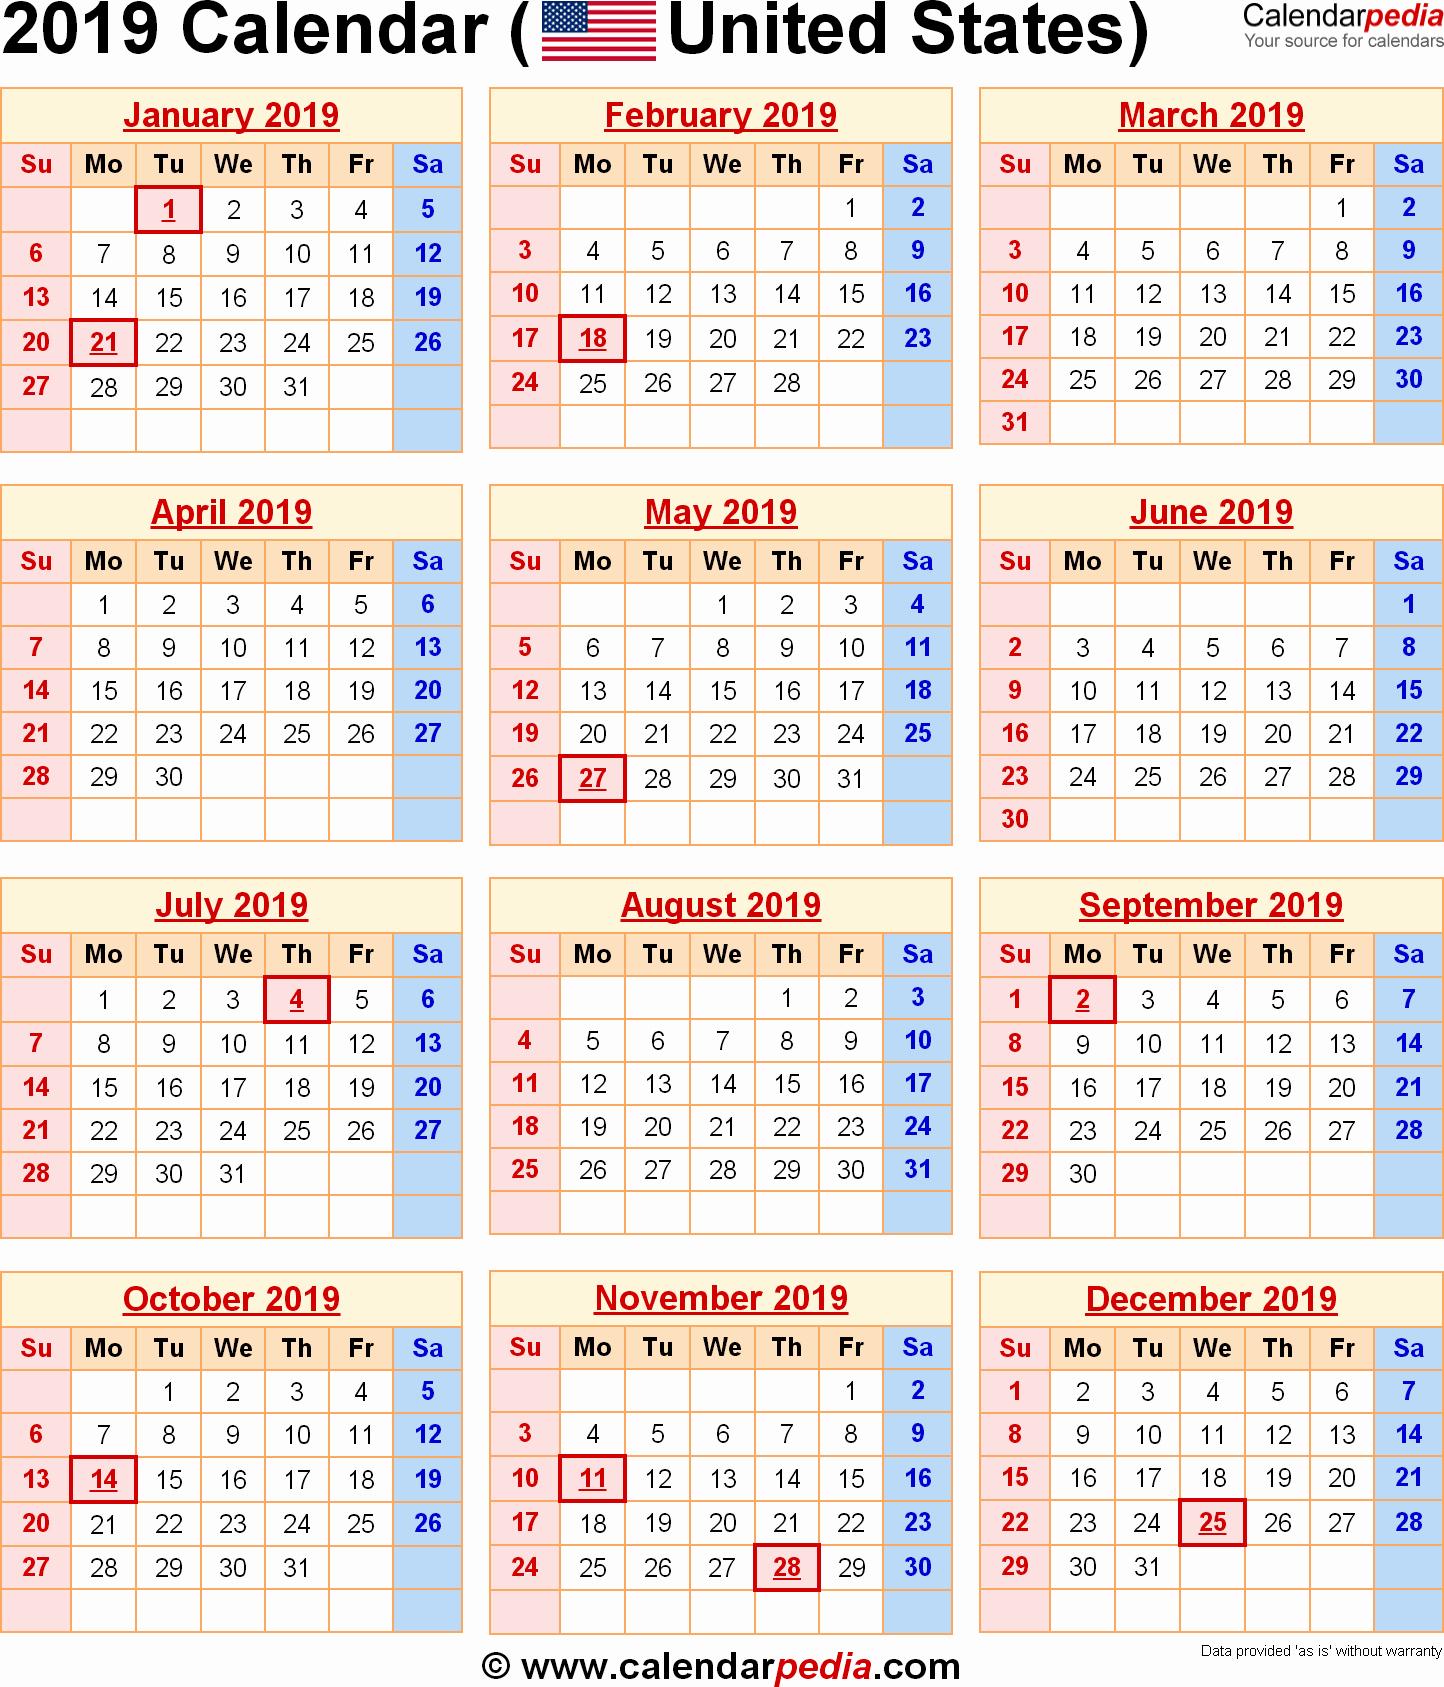 Inspirational 49 Design A Printable Dec 2019 Calendar With Holidays Calendar 2019 With Holidays Printable